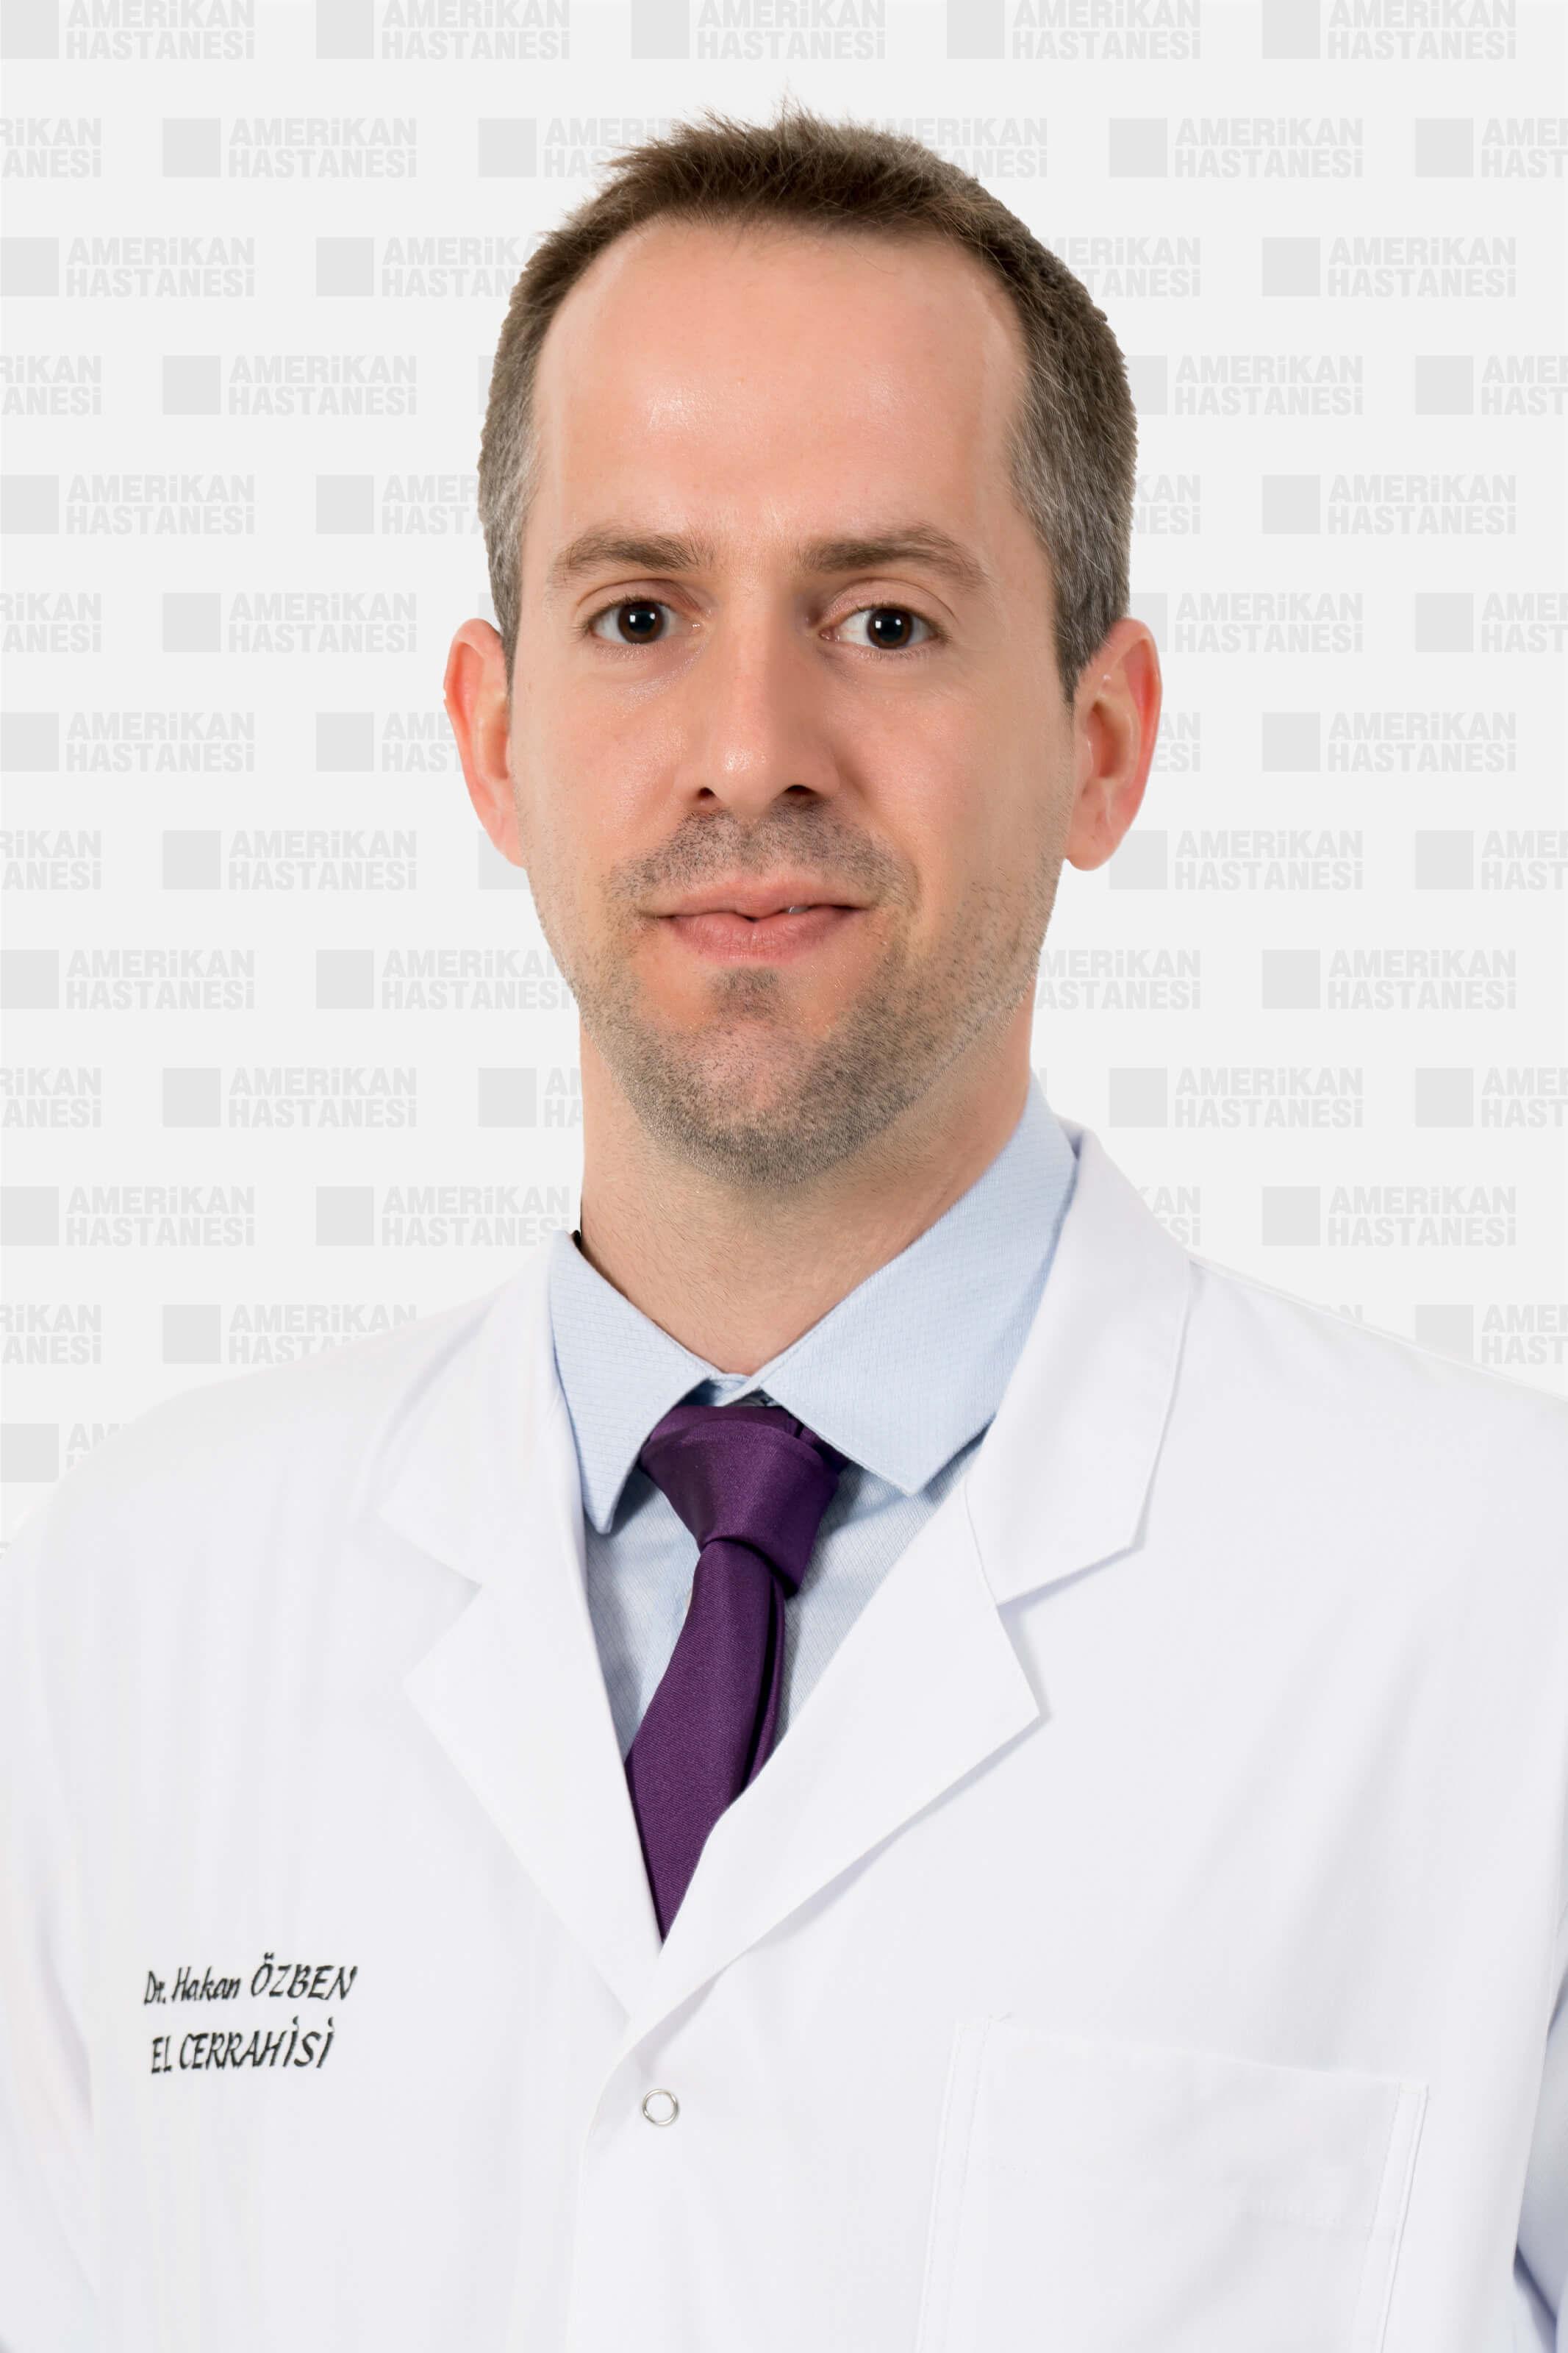 Assoc. Prof. Hakan Özben, M.D.